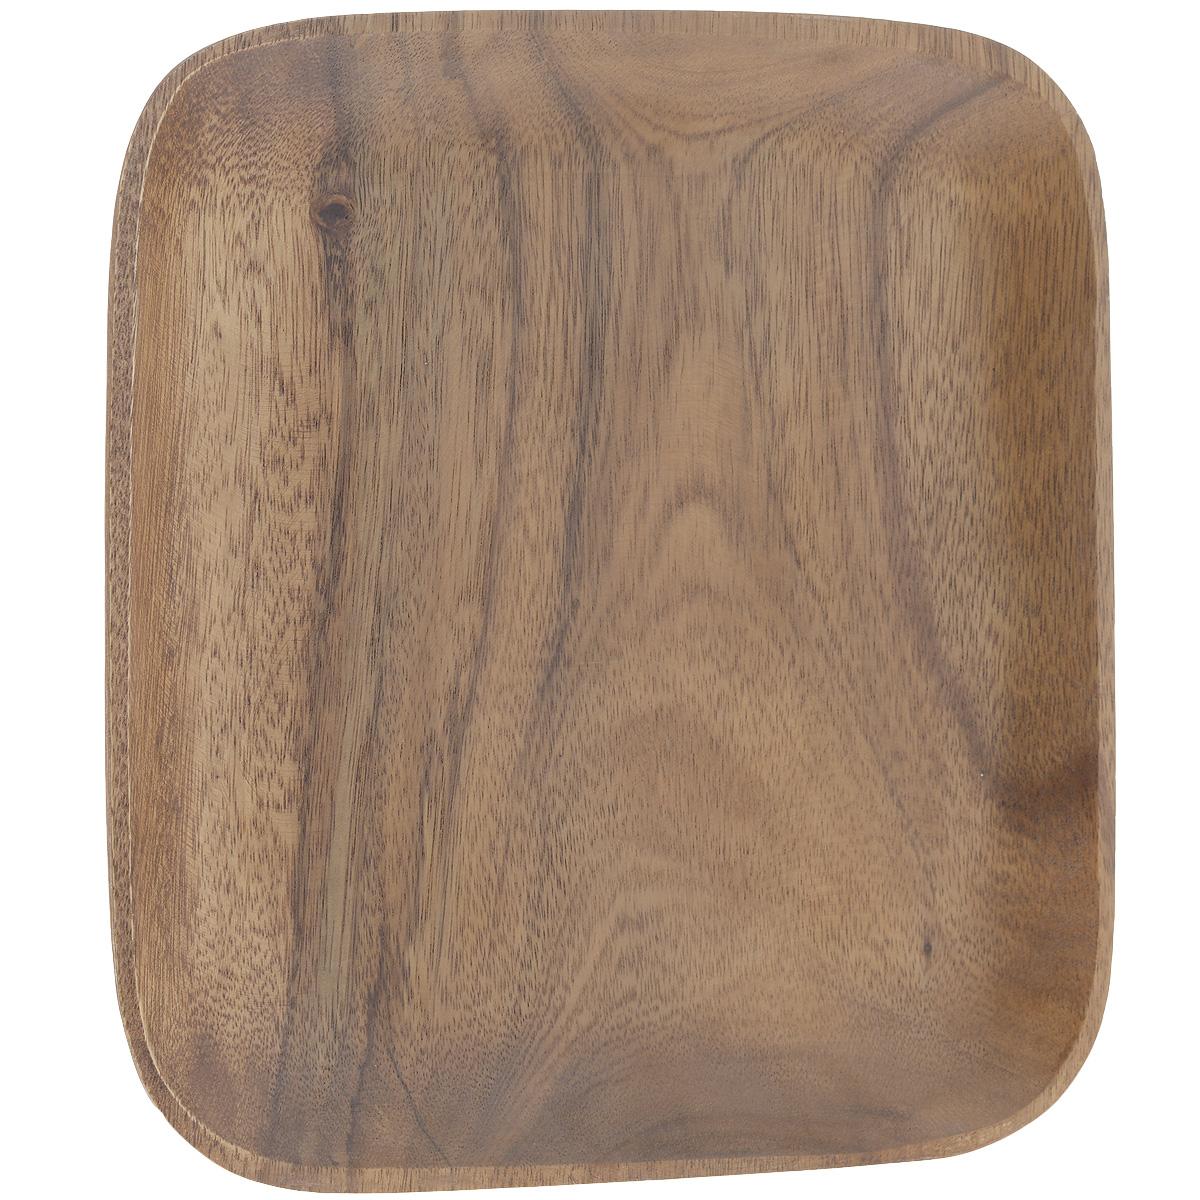 Блюдо Green Way Виолла, 30,5 см х 30,5 см х 2,5 смWD-1201HK1Квадратное блюдо Green Way Виолла выполнено из высококачественного дерева. Блюдо покрыто пищевым лаком, совершенно нетоксичным и безвредным для здоровья. Лак препятствует впитыванию влаги в изделие, тем самым продлевает срок его службы. Выбирая для дома посуду из дерева, вы получаете не только безопасность и уют натуральных материалов, но и высокое качество изделий. Оригинальный дизайн блюда придется по вкусу и ценителям классики, и тем, кто предпочитает утонченность и изысканность. Такое блюдо настроит на позитивный лад и подарит хорошее настроение всем, кто любит готовить. Нельзя мыть в посудомоечной машине.